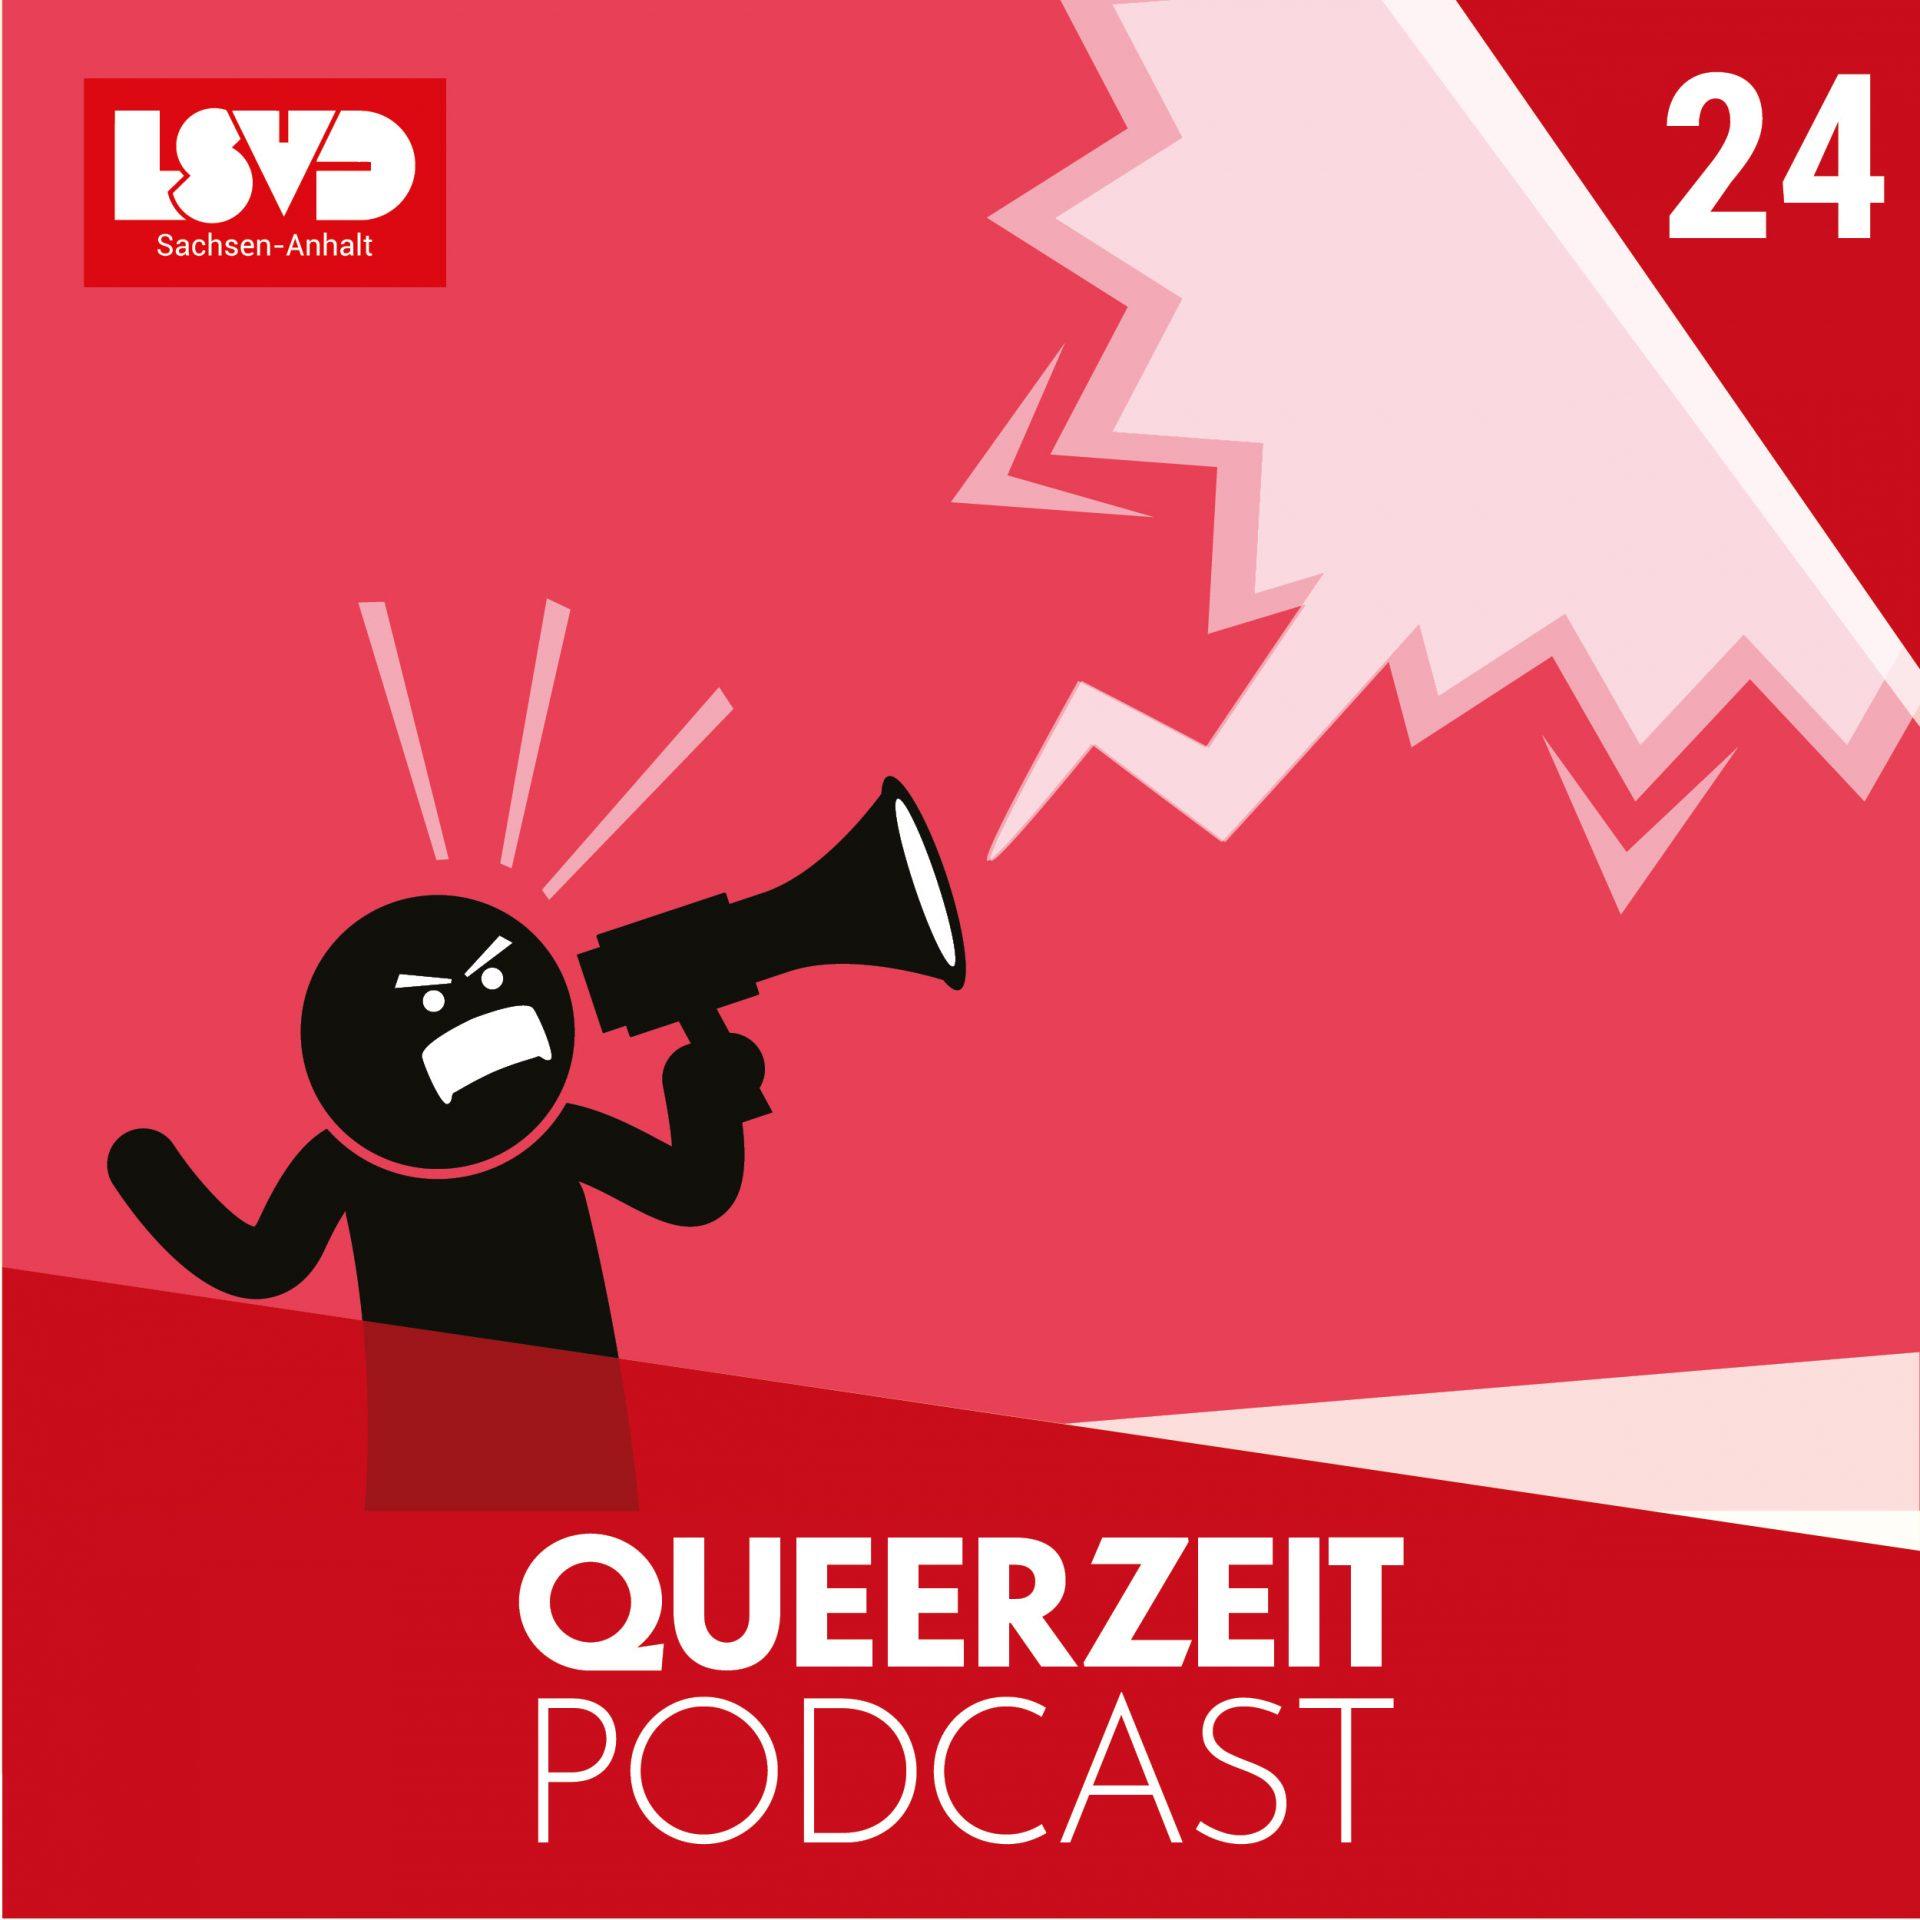 Queerzeit #24 – Beschwert euch doch endlich mal!